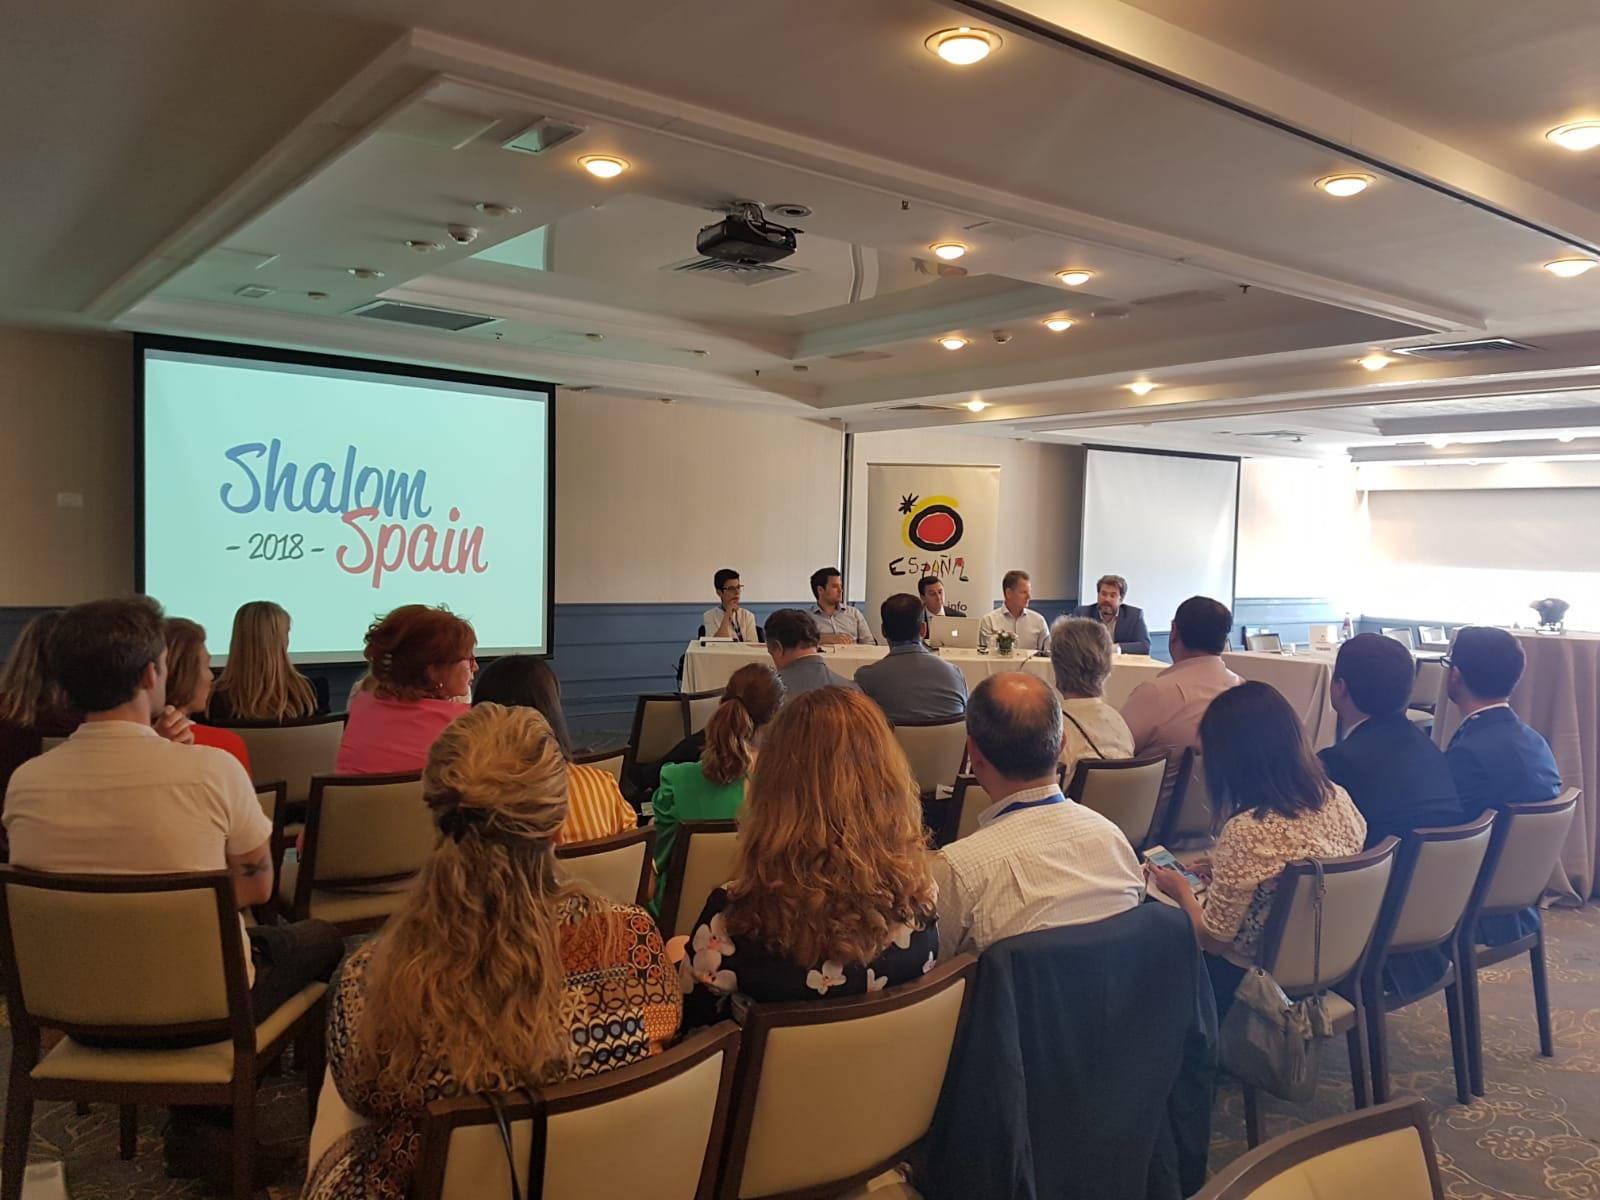 """La Red de Juderías de España ha presentado su oferta turística y cultural a la industria turística de Israel en el workshop """"Shalom Spain"""""""